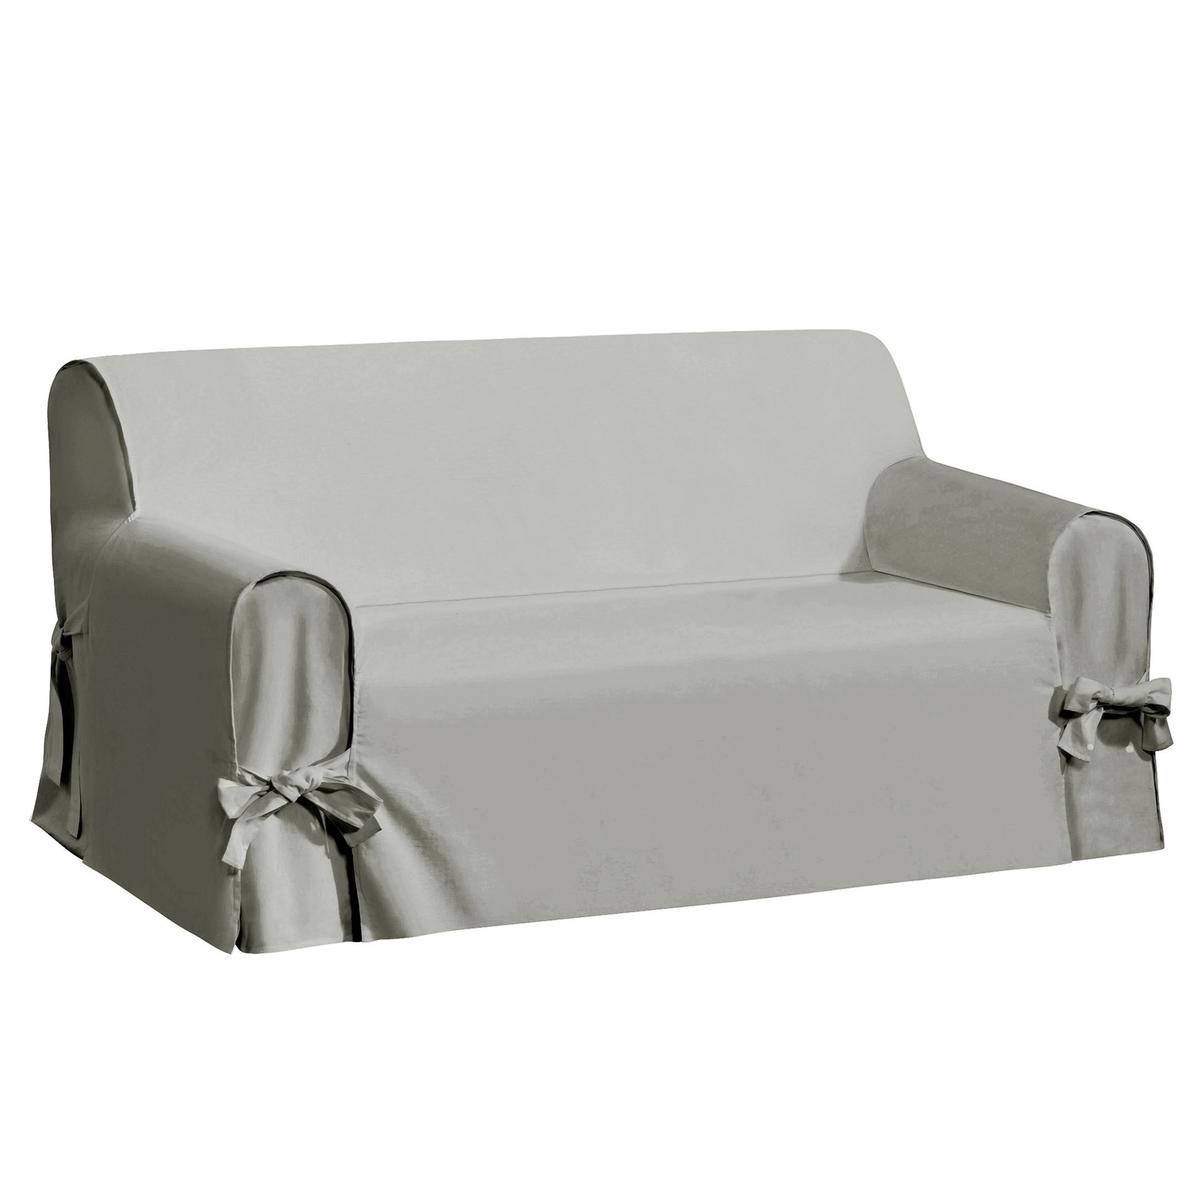 Чехол для диванаКачество VALEUR SURE. Плотная смесовая ткань исключительного качества,  55% льна, 45% хлопка. Общие размеры: общая высота 102 см, глубина сиденья 60 см. Стирка при 40°. Превосходная стойкость цвета к солнечным лучам. 2-местный диван: максимальная ширина 142 см, 2-3-местный диван: максимальная ширина 180 см. 3-местный диван: максимальная ширина 206 см.<br><br>Цвет: антрацит,белый,серо-бежевый,серо-коричневый каштан,серый,экрю<br>Размер: 3 местн..2 места.3 местн..2 места.2/3 мест.2 места.3 местн..2 места